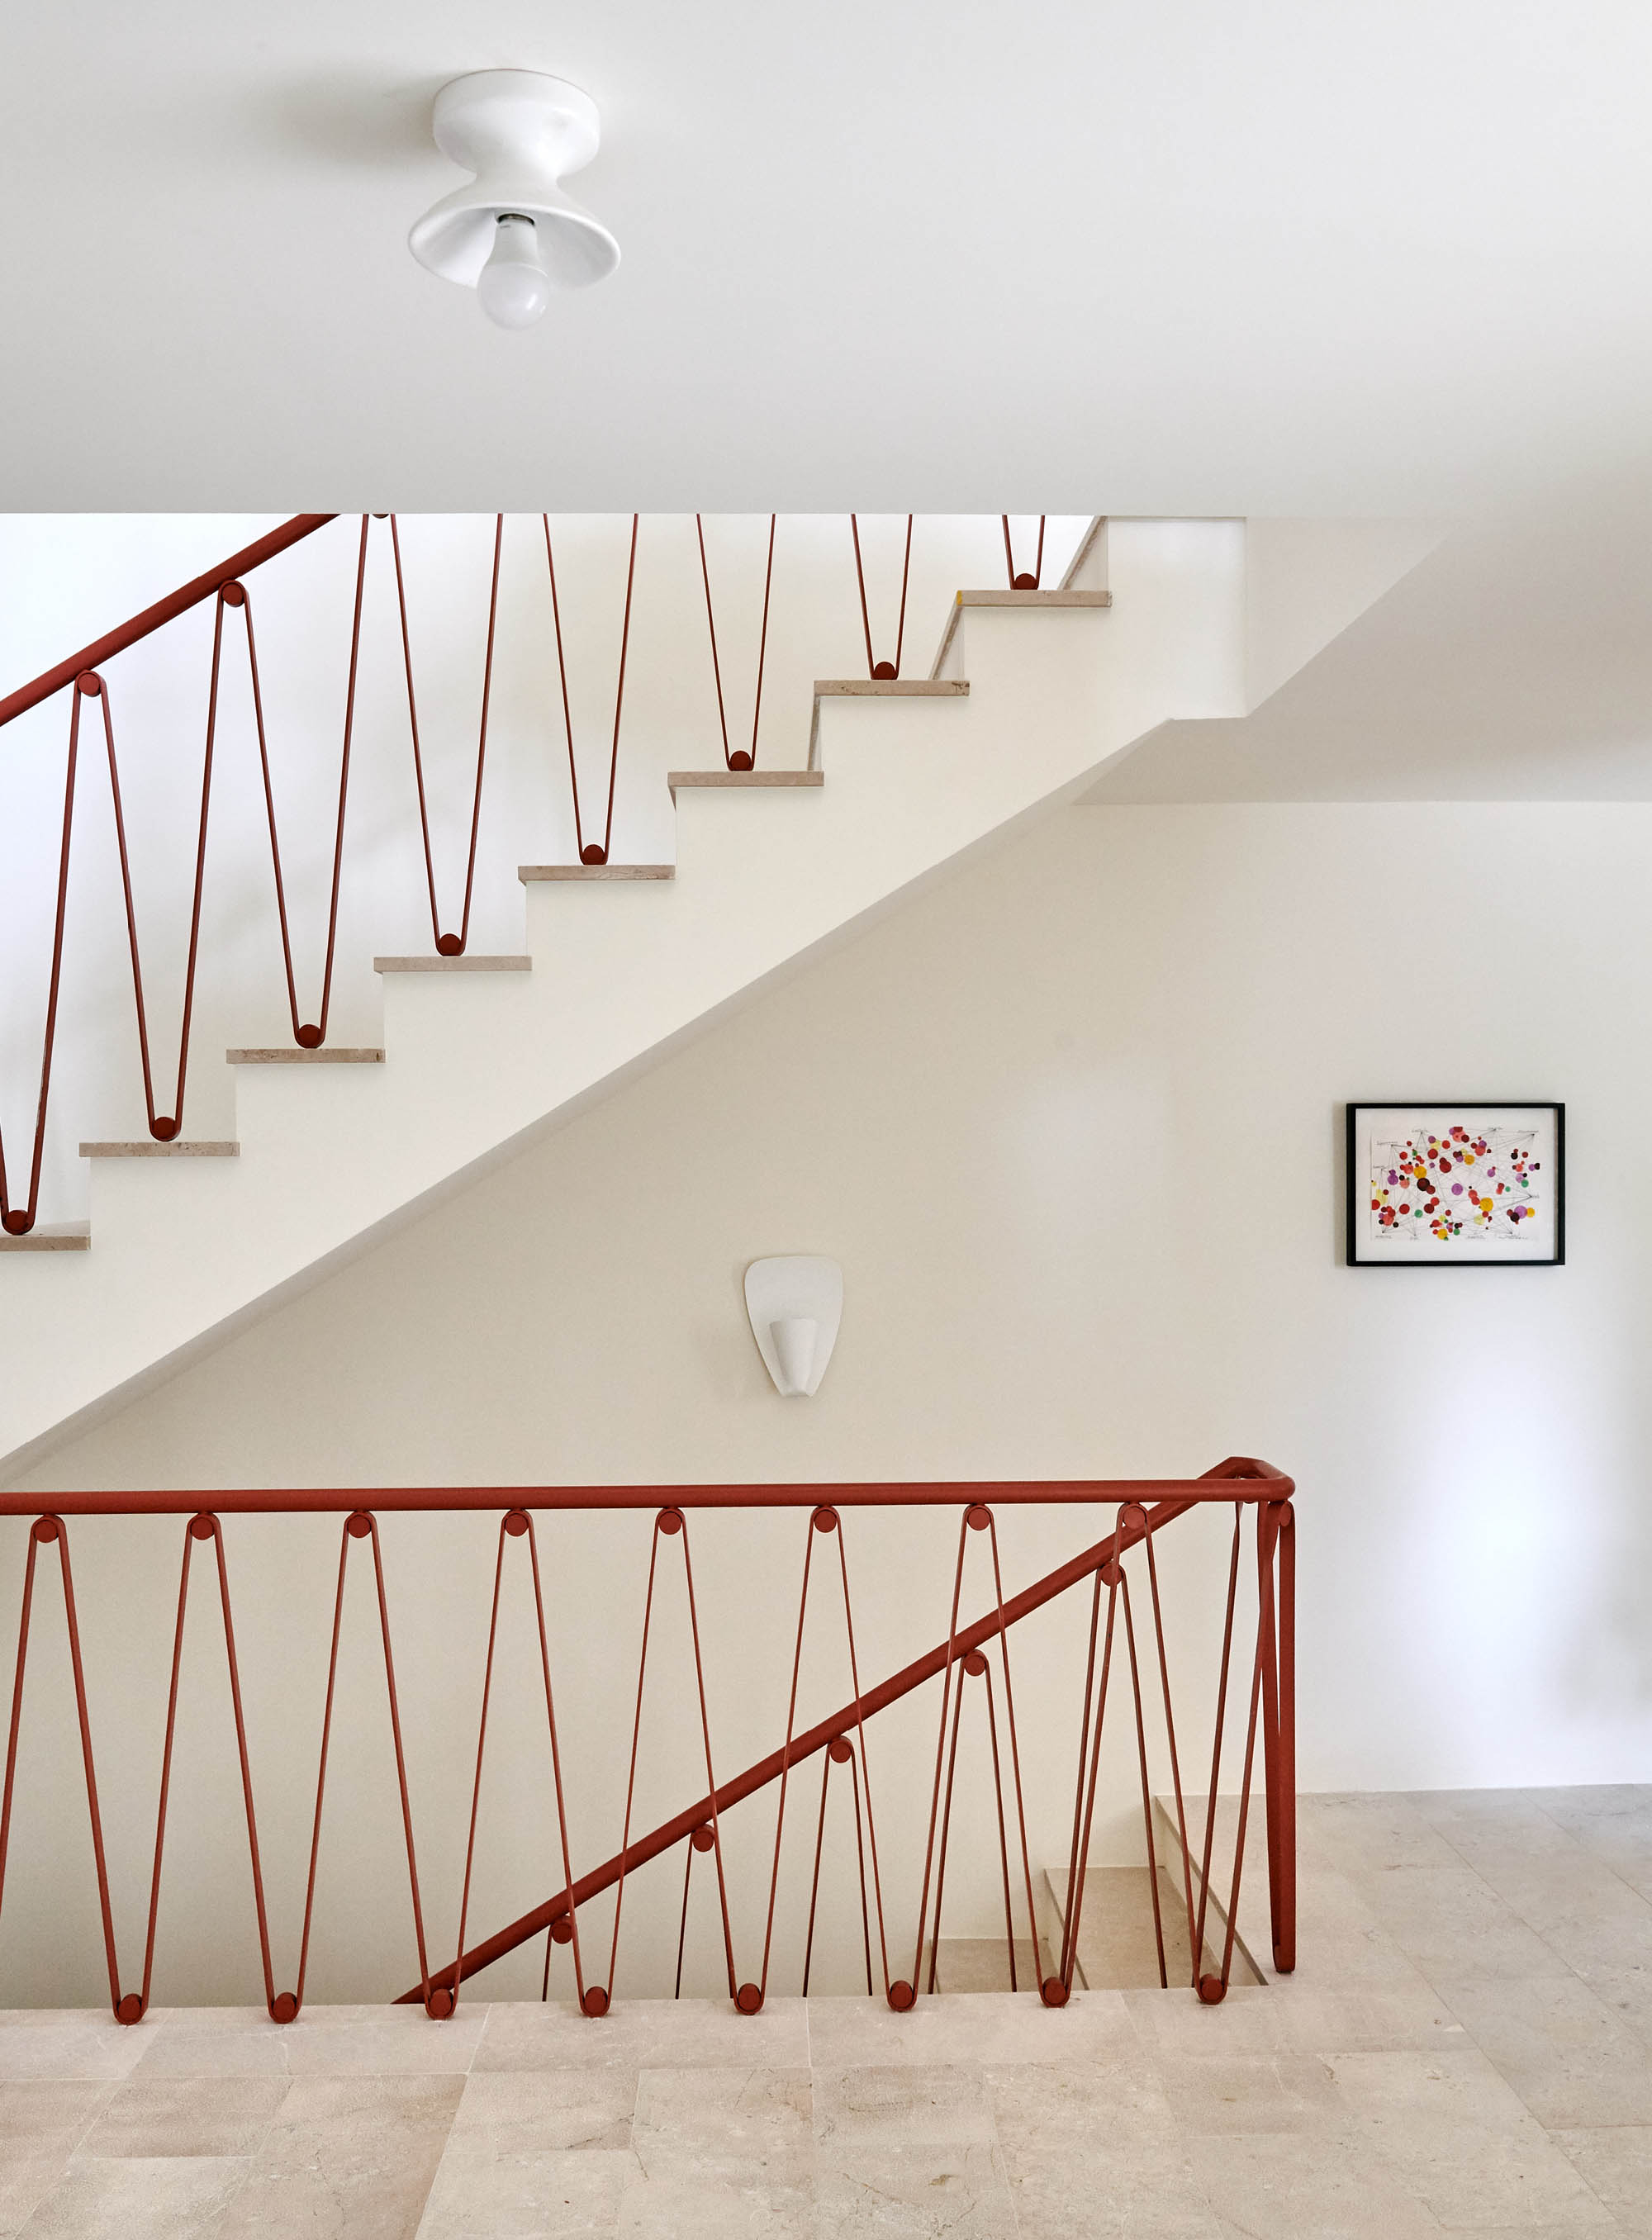 luis_laplace-Casa_Hauser_Menorca-4